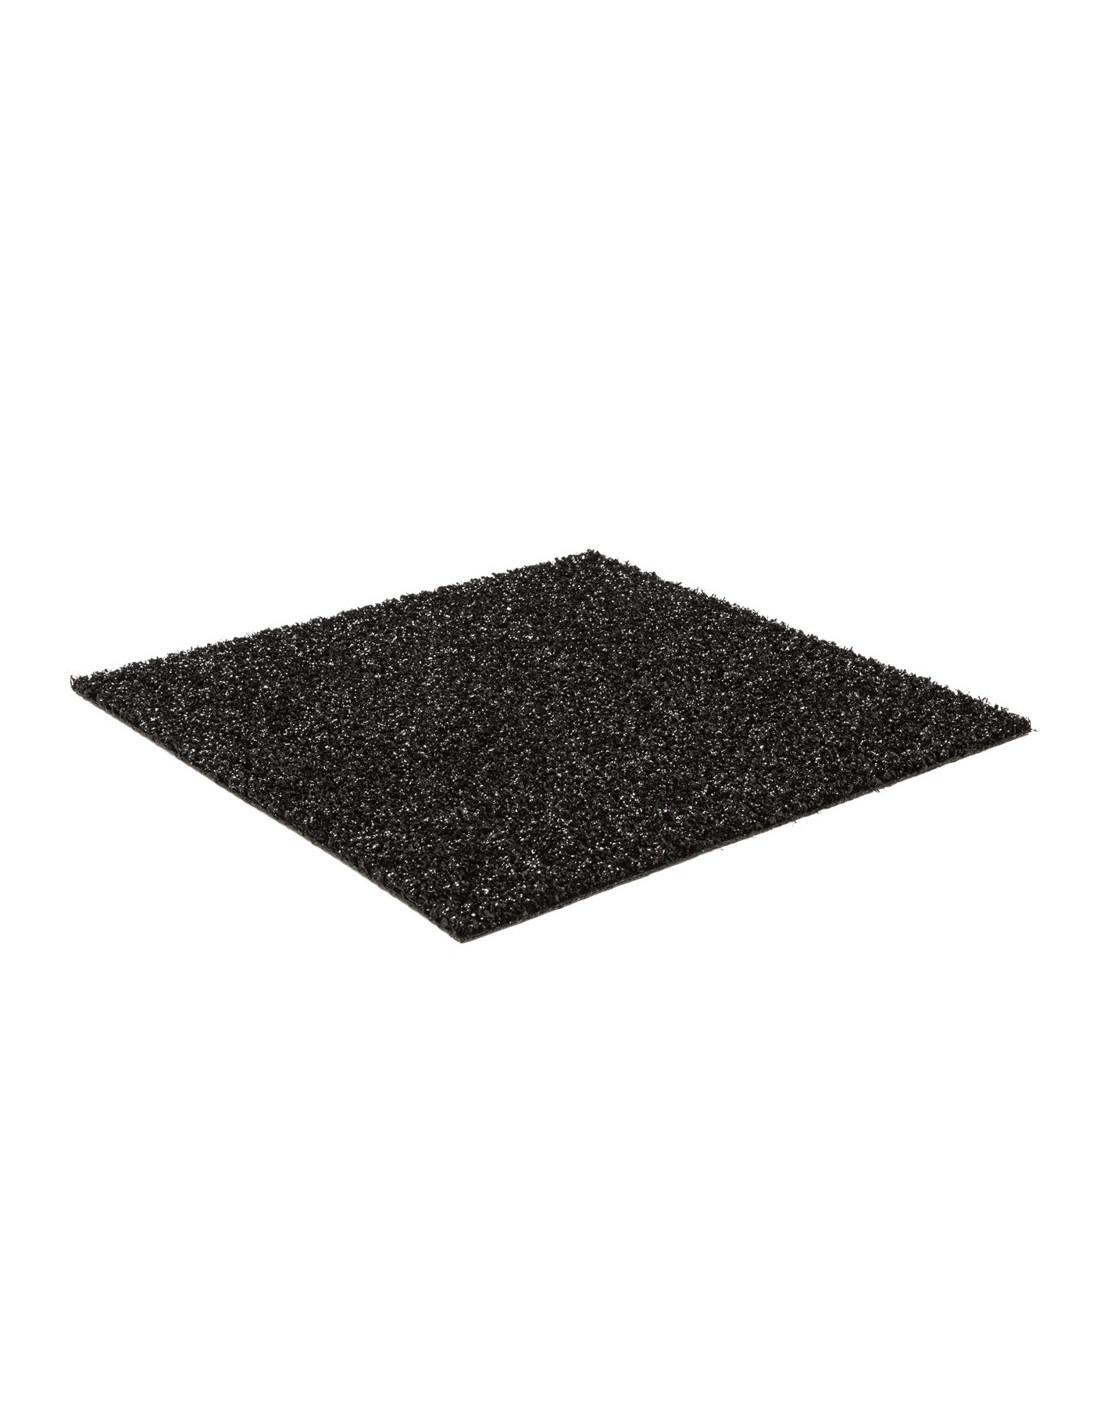 Beaulieu moquette gazon artificiel diamond 9025 black 2m for Moquette gazon exterieur